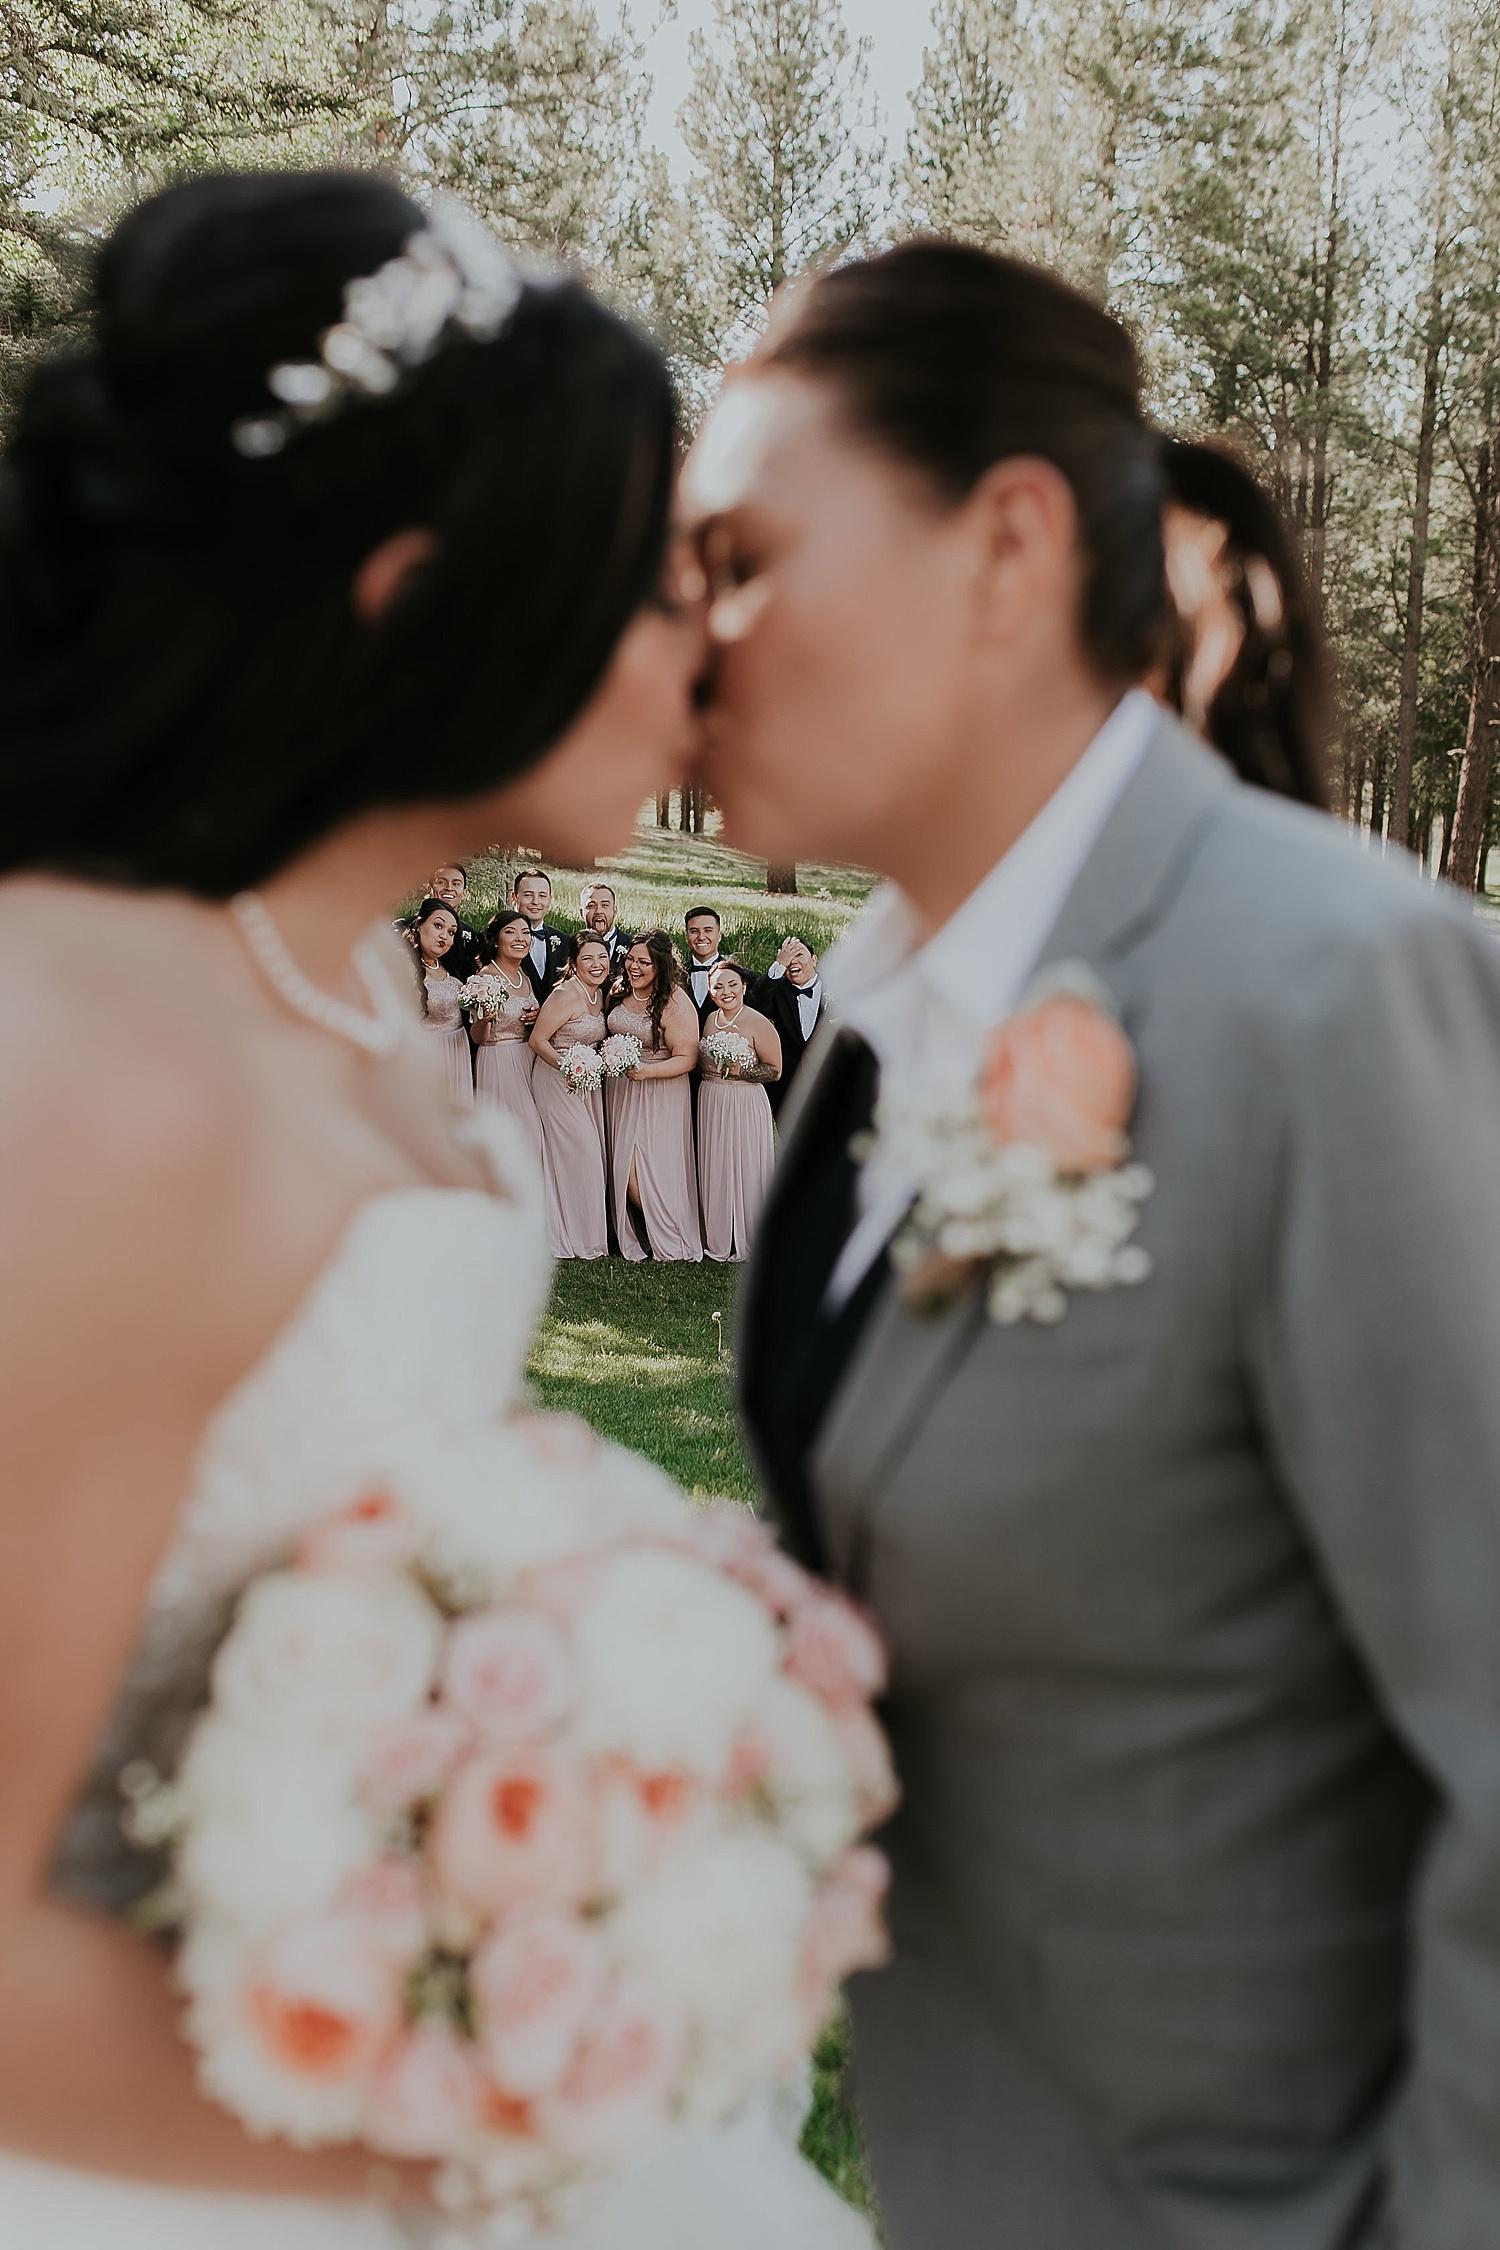 Alicia+lucia+photography+-+albuquerque+wedding+photographer+-+santa+fe+wedding+photography+-+new+mexico+wedding+photographer+-+angel+fire+wedding_0039.jpg